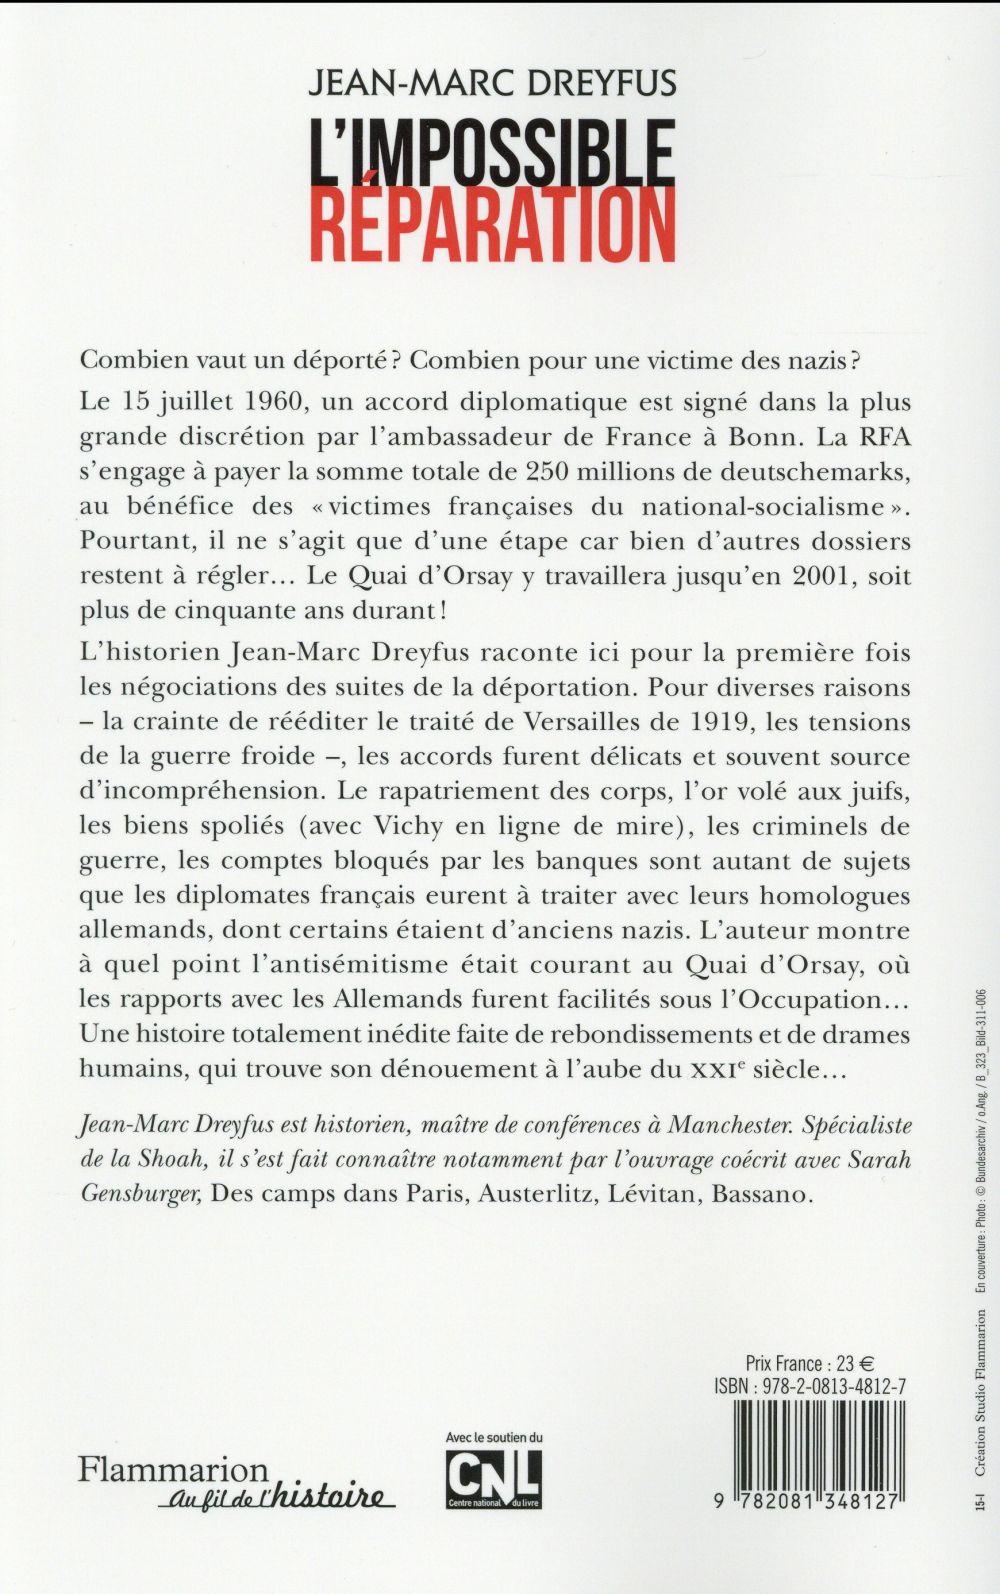 L'impossible réparation ; quand le Quai d'Orsay négociait avec l'Allemagne (1944-2001)